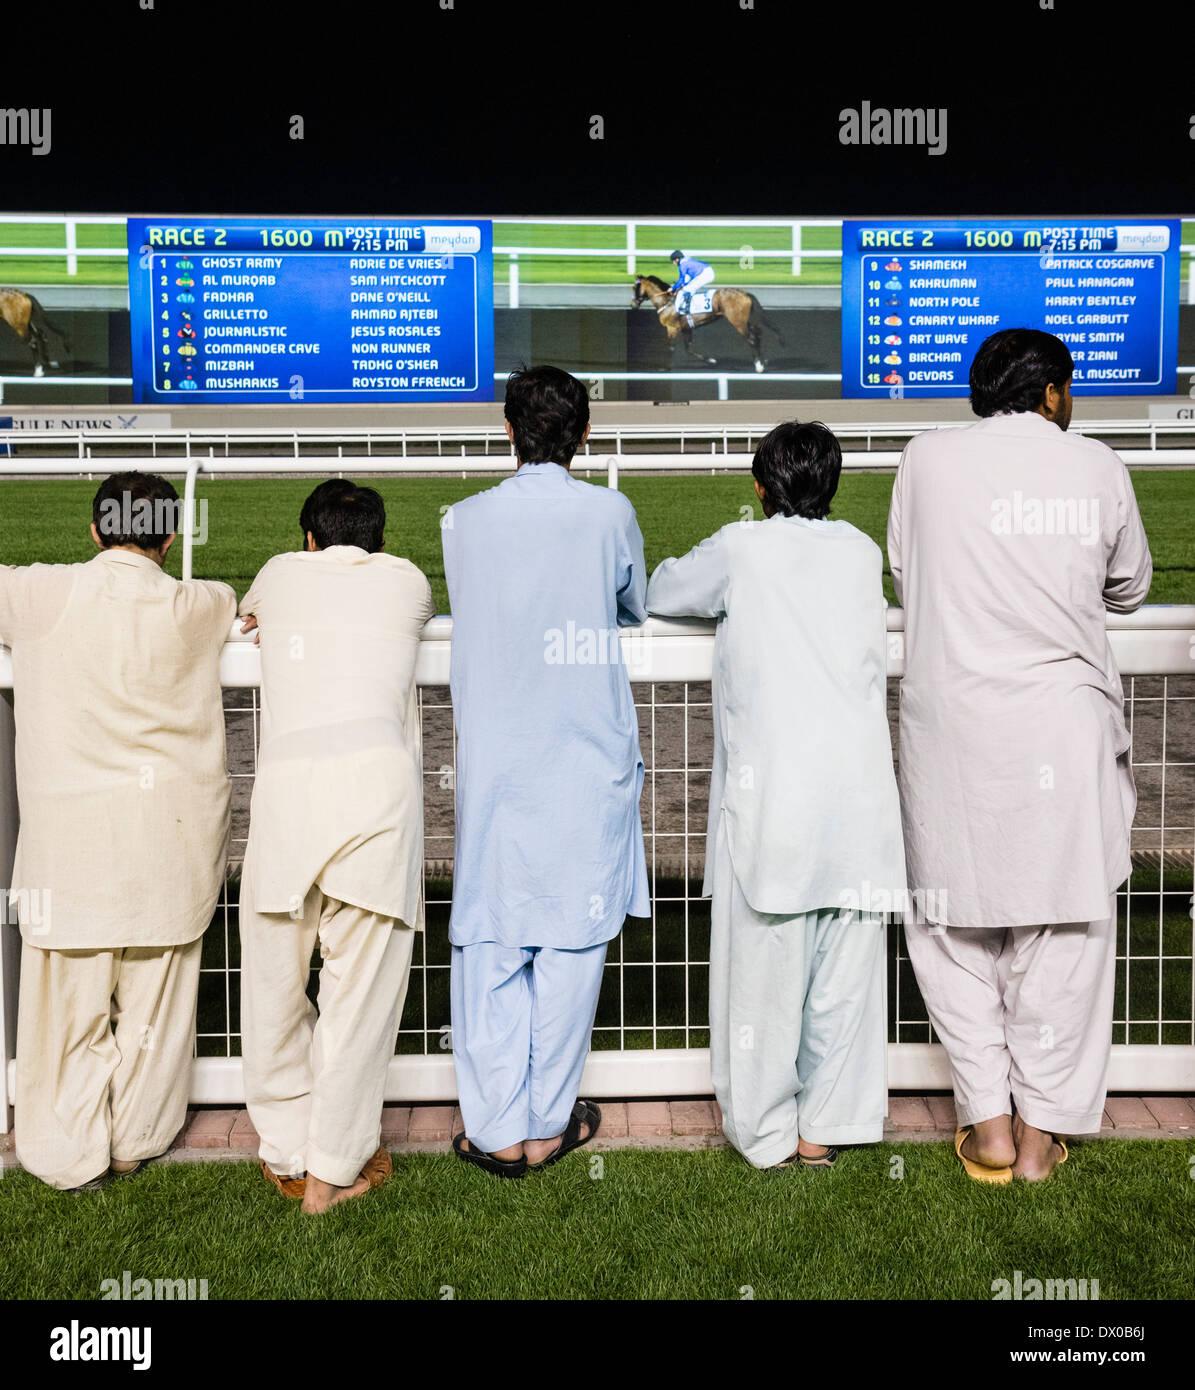 Gli spettatori a horse racing incontro presso Al Meydan Racecourse di notte in Dubai Emirati Arabi Uniti Immagini Stock